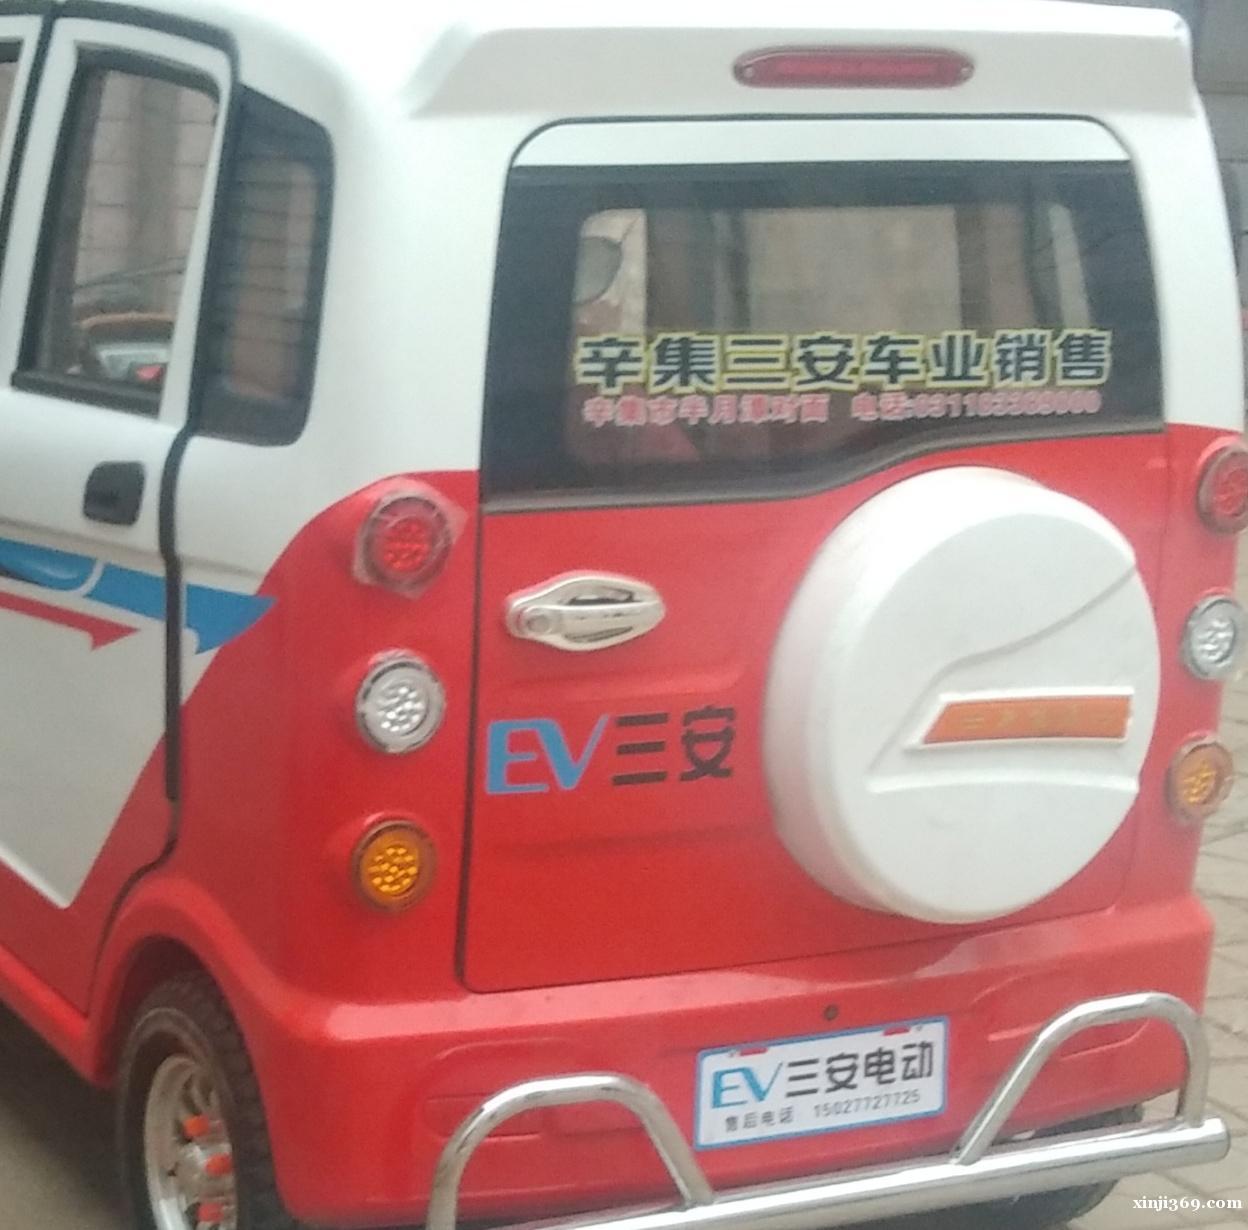 欲求购一辆带棚的三轮车,老人接送孩子用,最好成色好点,能跑4